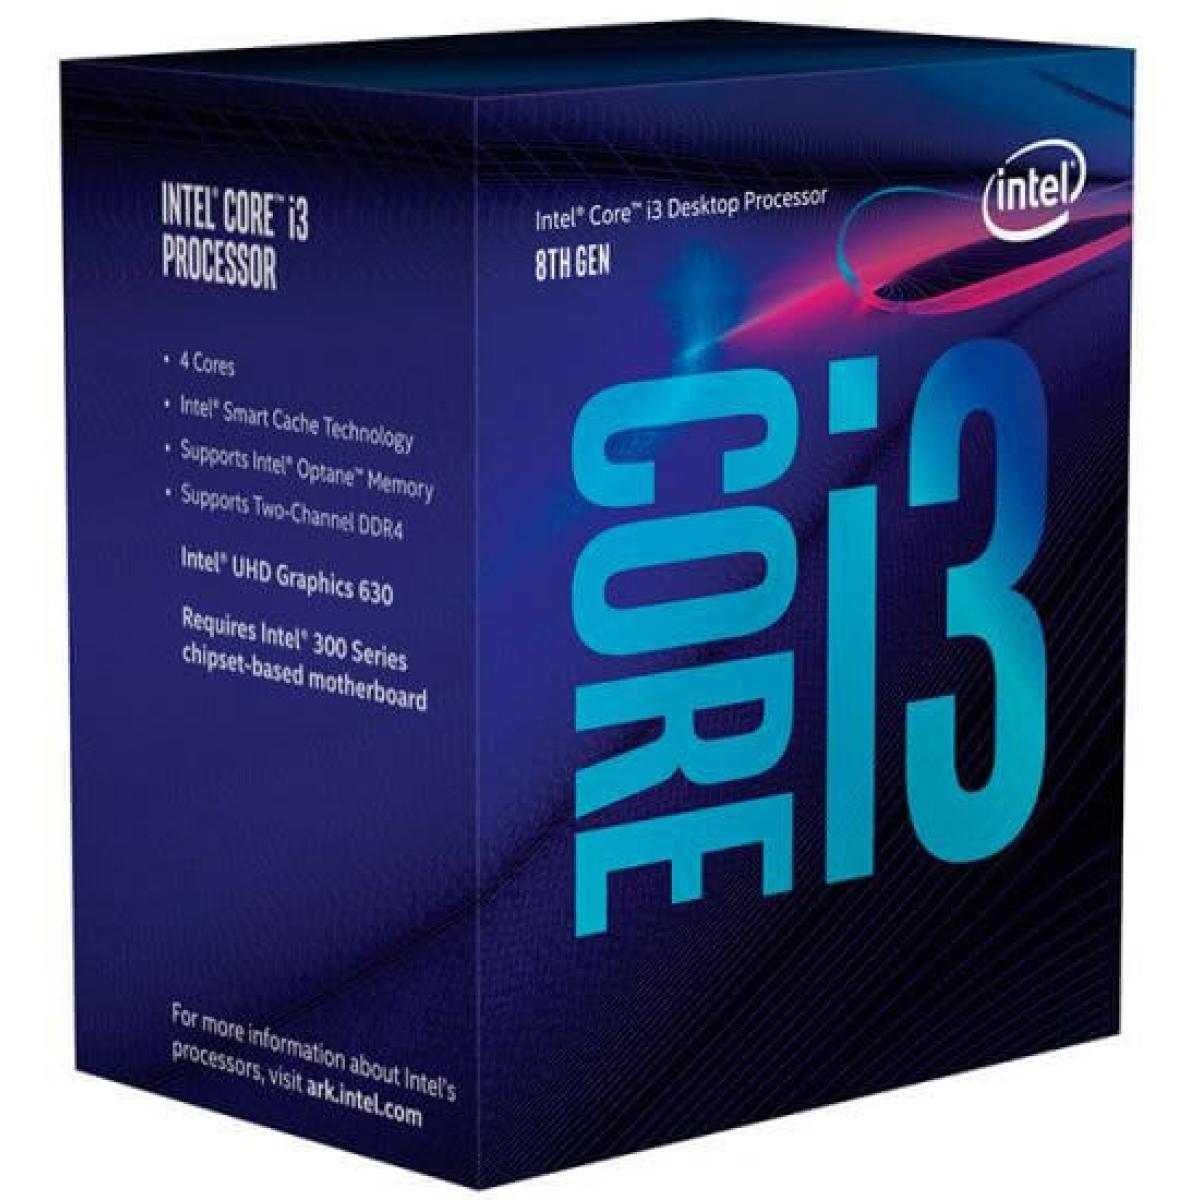 Processador Intel Core i3 8100 3.6GHz, 8ª Geração, 4-Core 4-Thread, LGA 1151, BX80684I38100 Coffee Lake